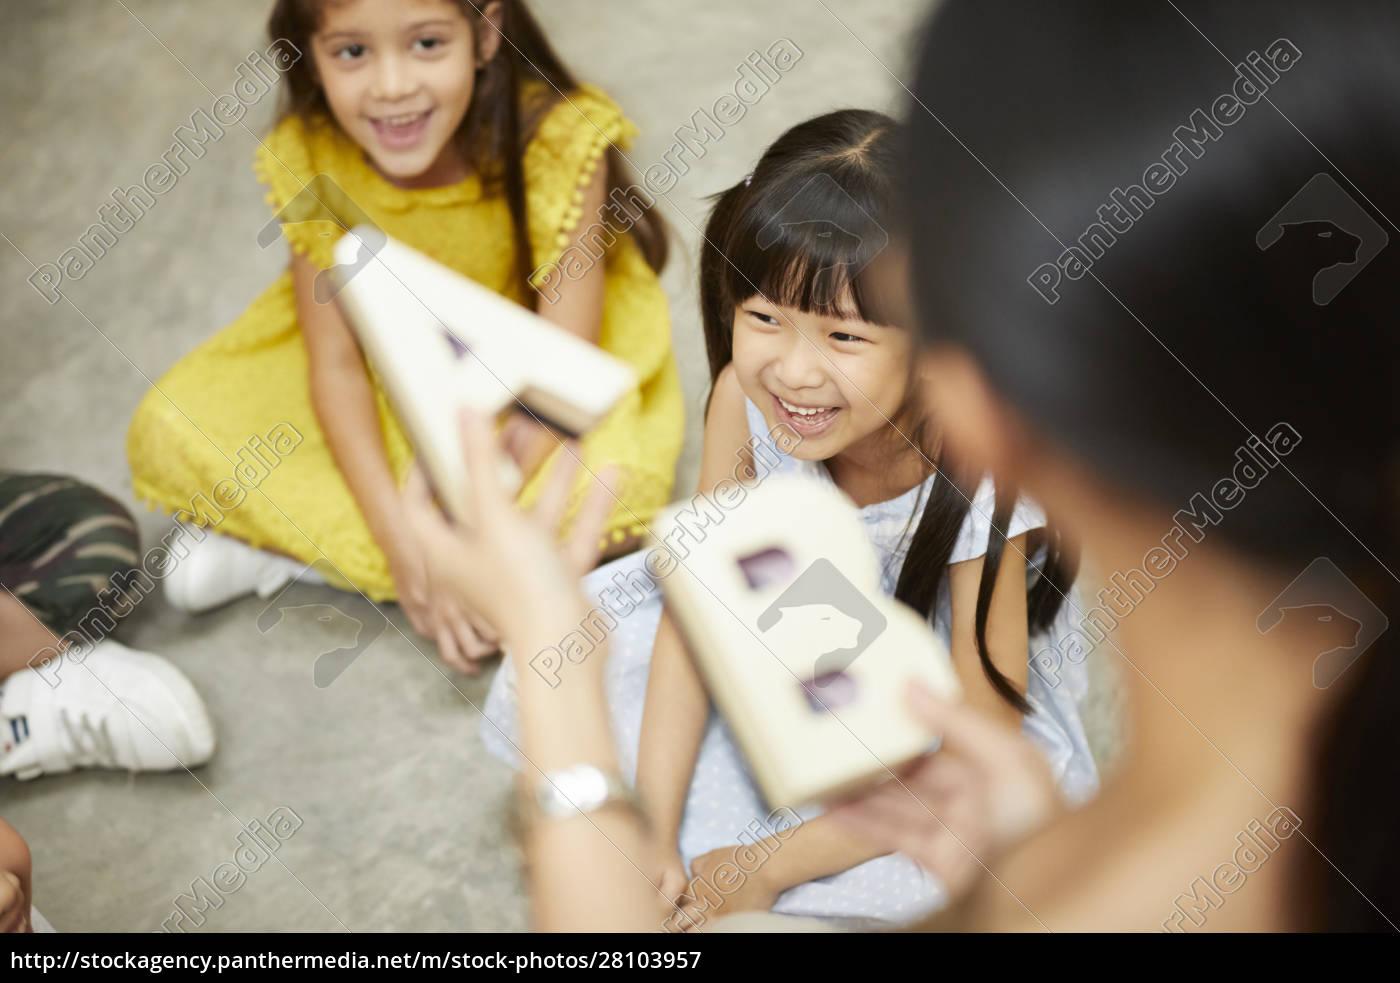 Życie, szkolne, dla, dzieci, w, wieku - 28103957